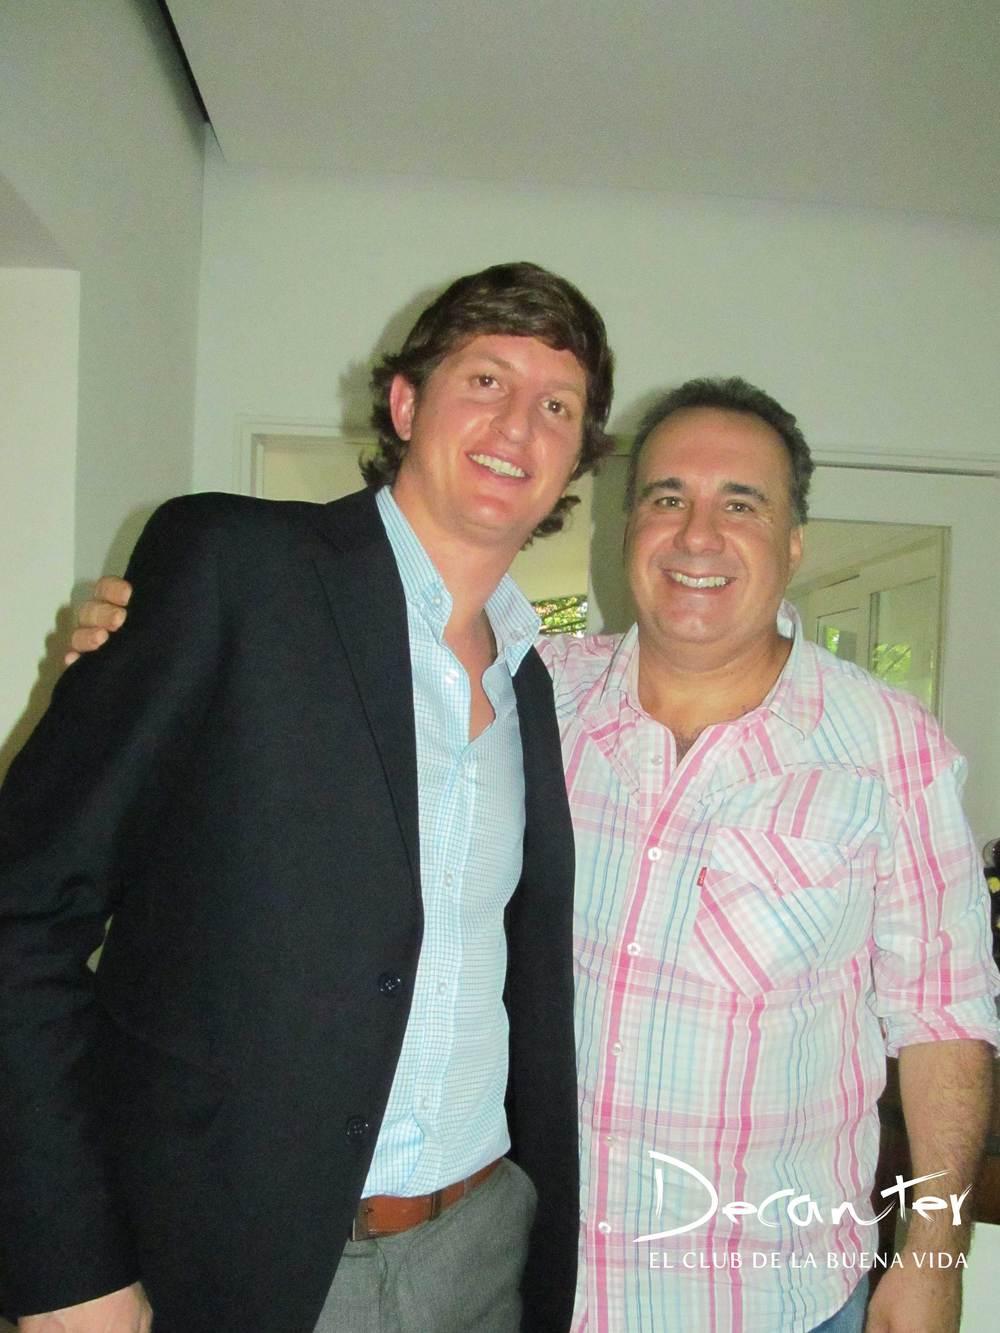 Diego Pulenta y Luis Palero, el hombre de los choripanes.